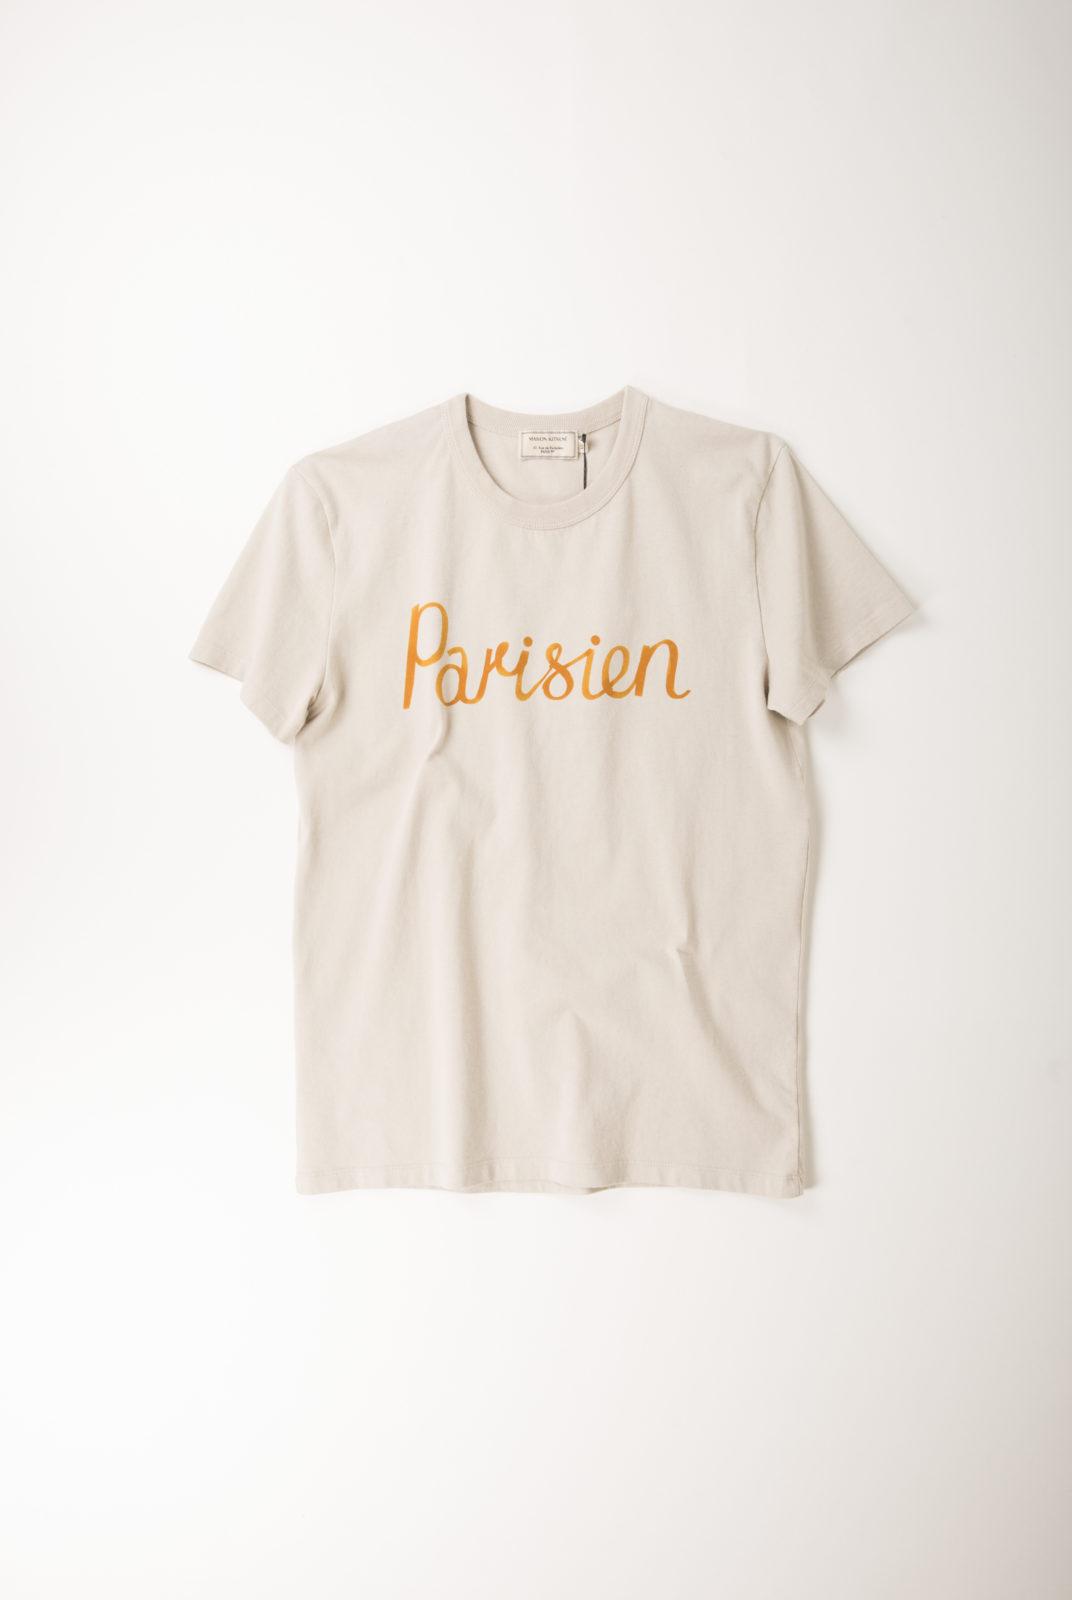 tshirt, grège, coton, parisien, manche courte, encolure ronde, kitsune